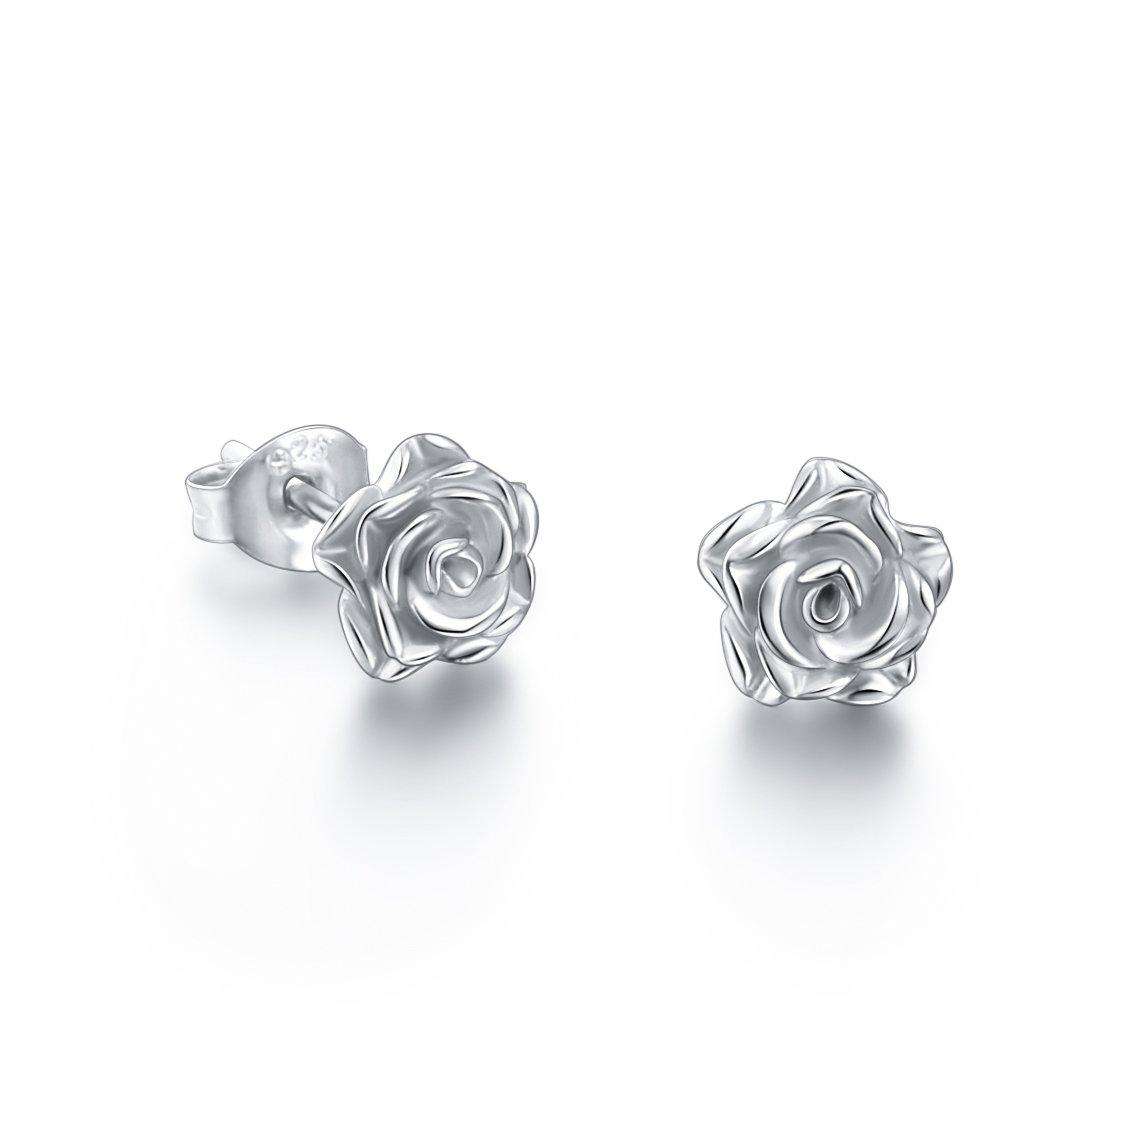 S925 Sterling Silver Rose Flower Stud Lotus Earrings for Women Girl